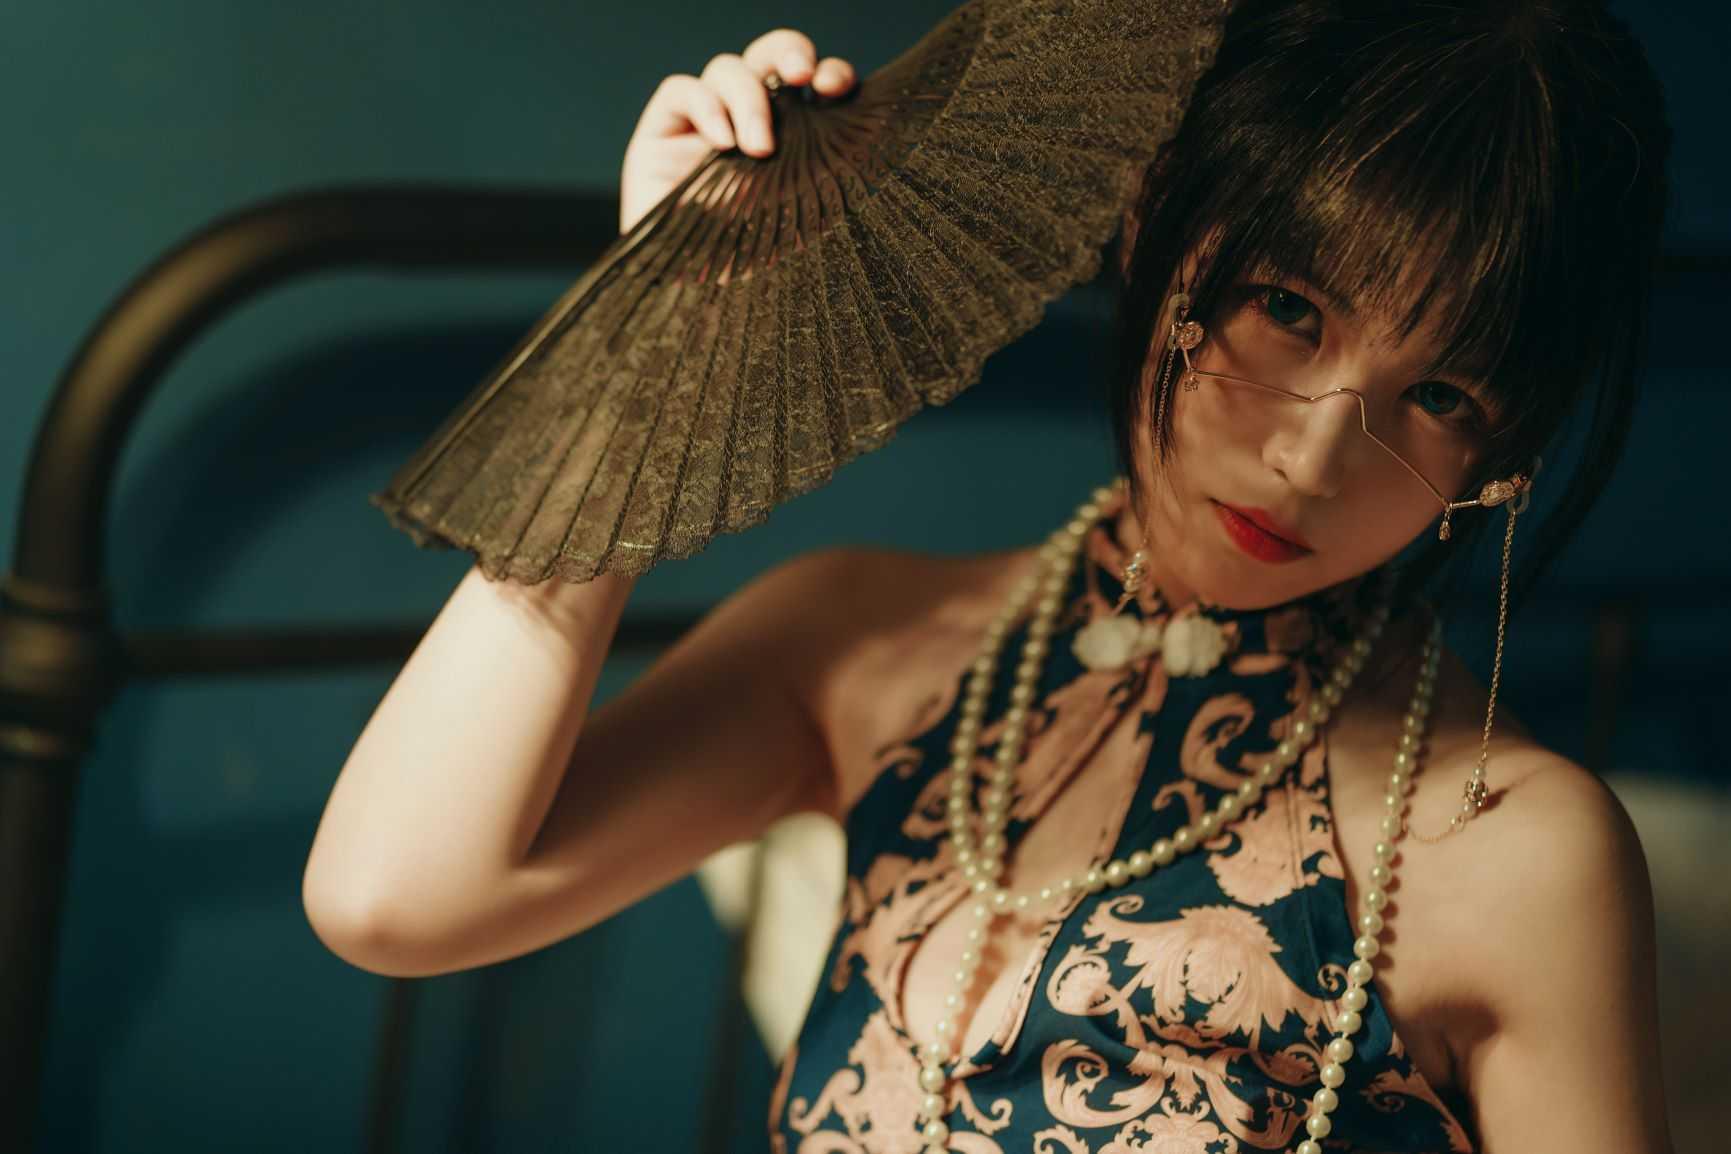 ⭐cos套图⭐逐月su@coser图片-短旗袍 37P插图1